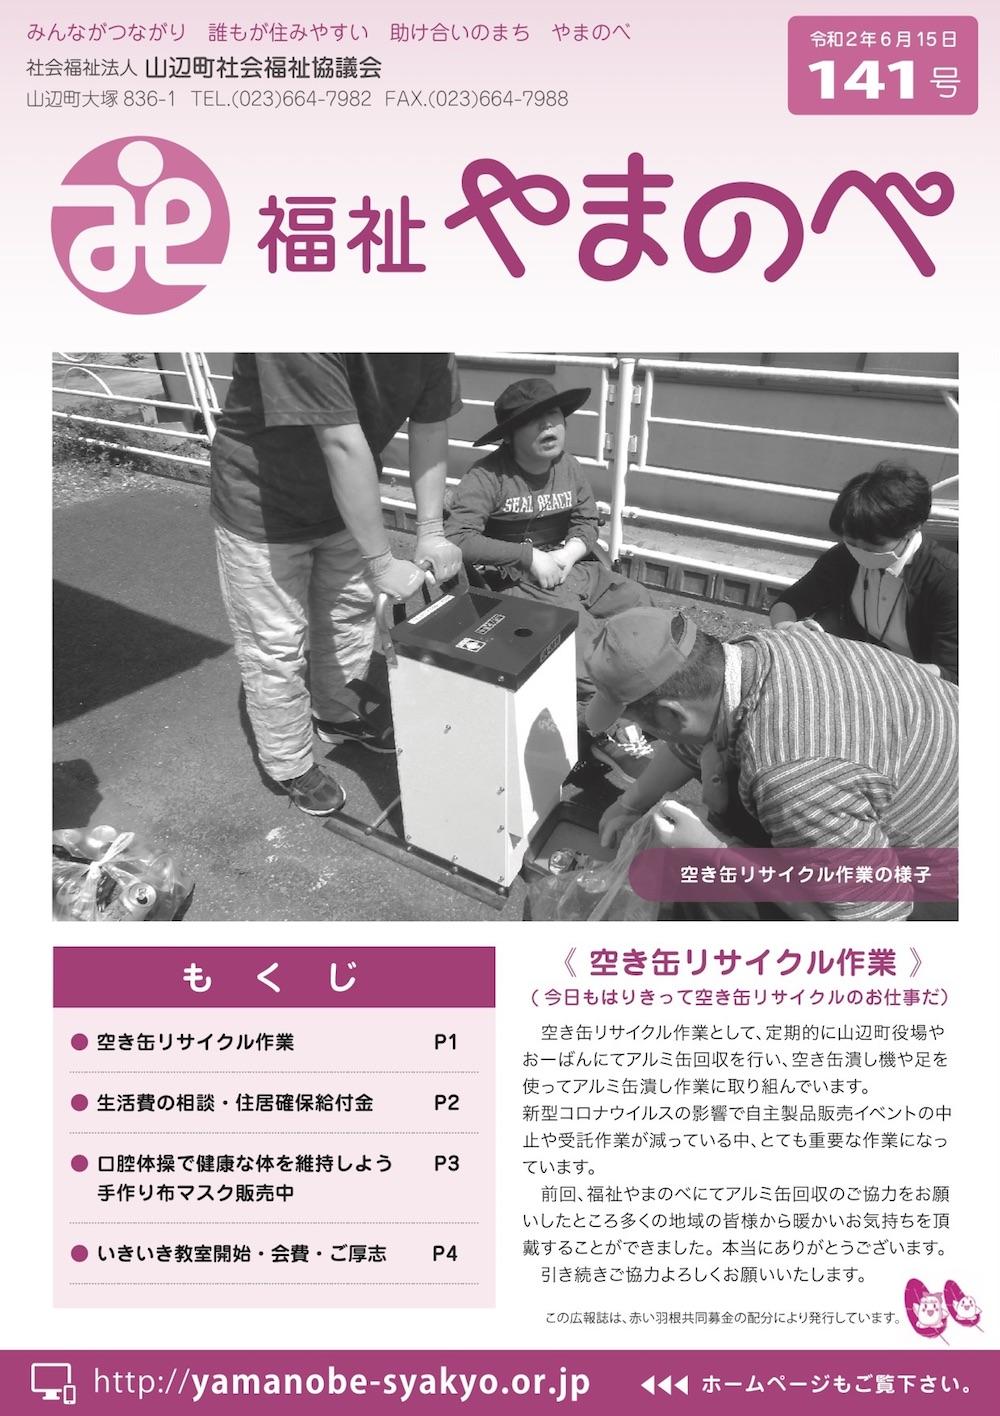 広報誌141号を発行しました。:画像